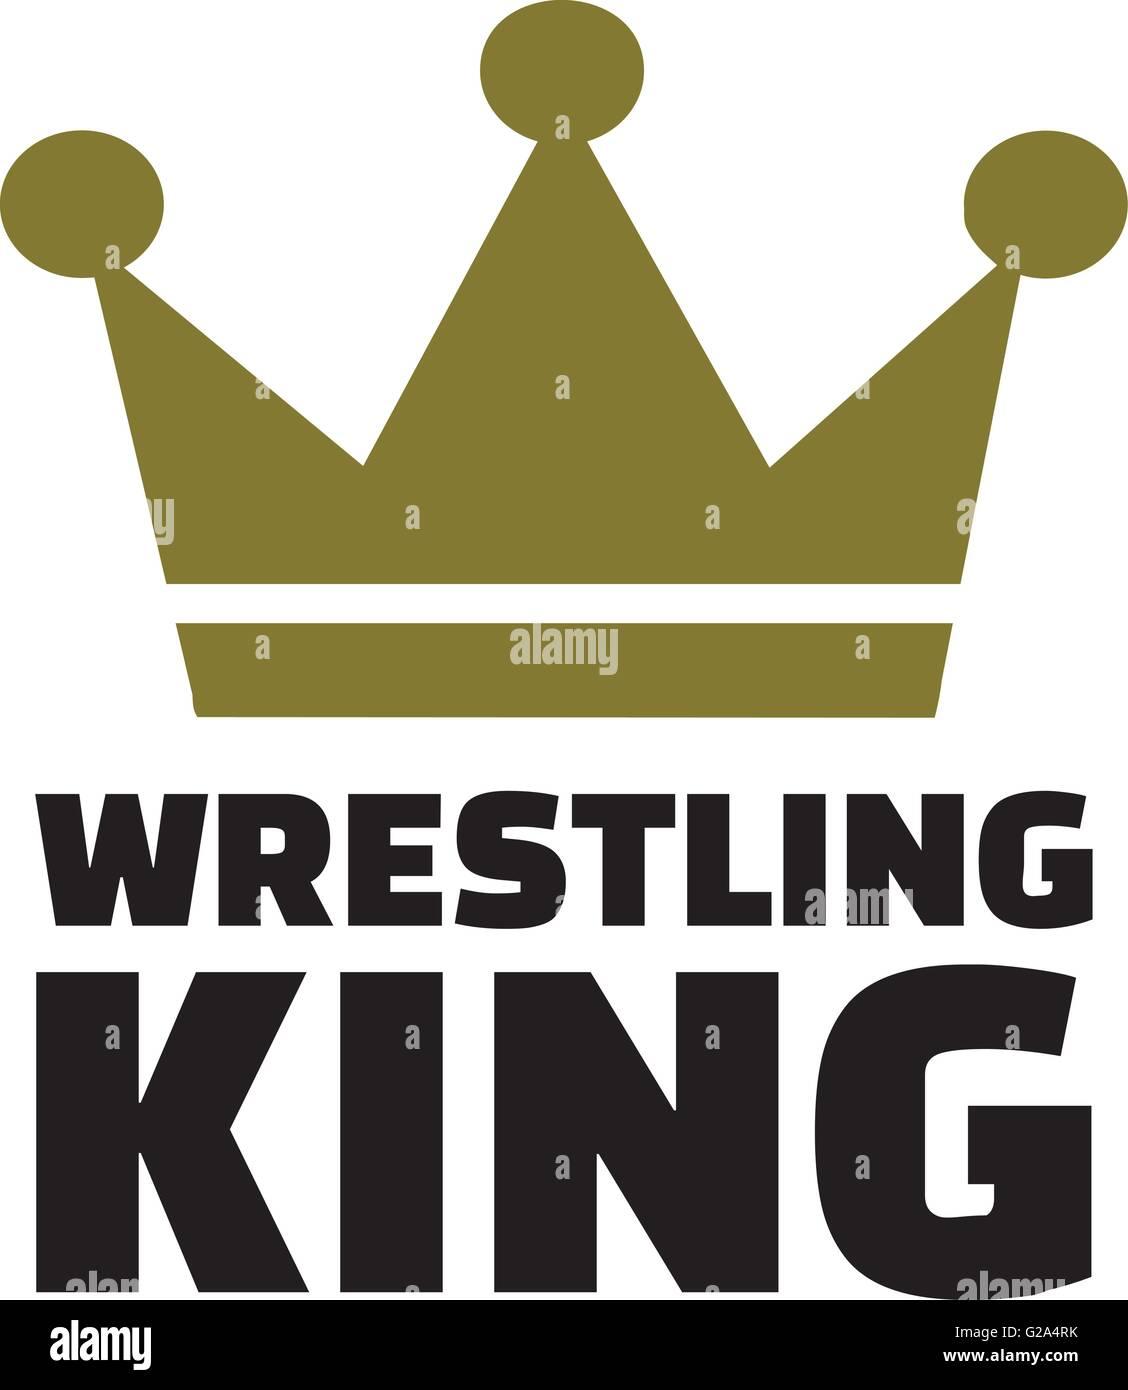 Wrestling king - Stock Image